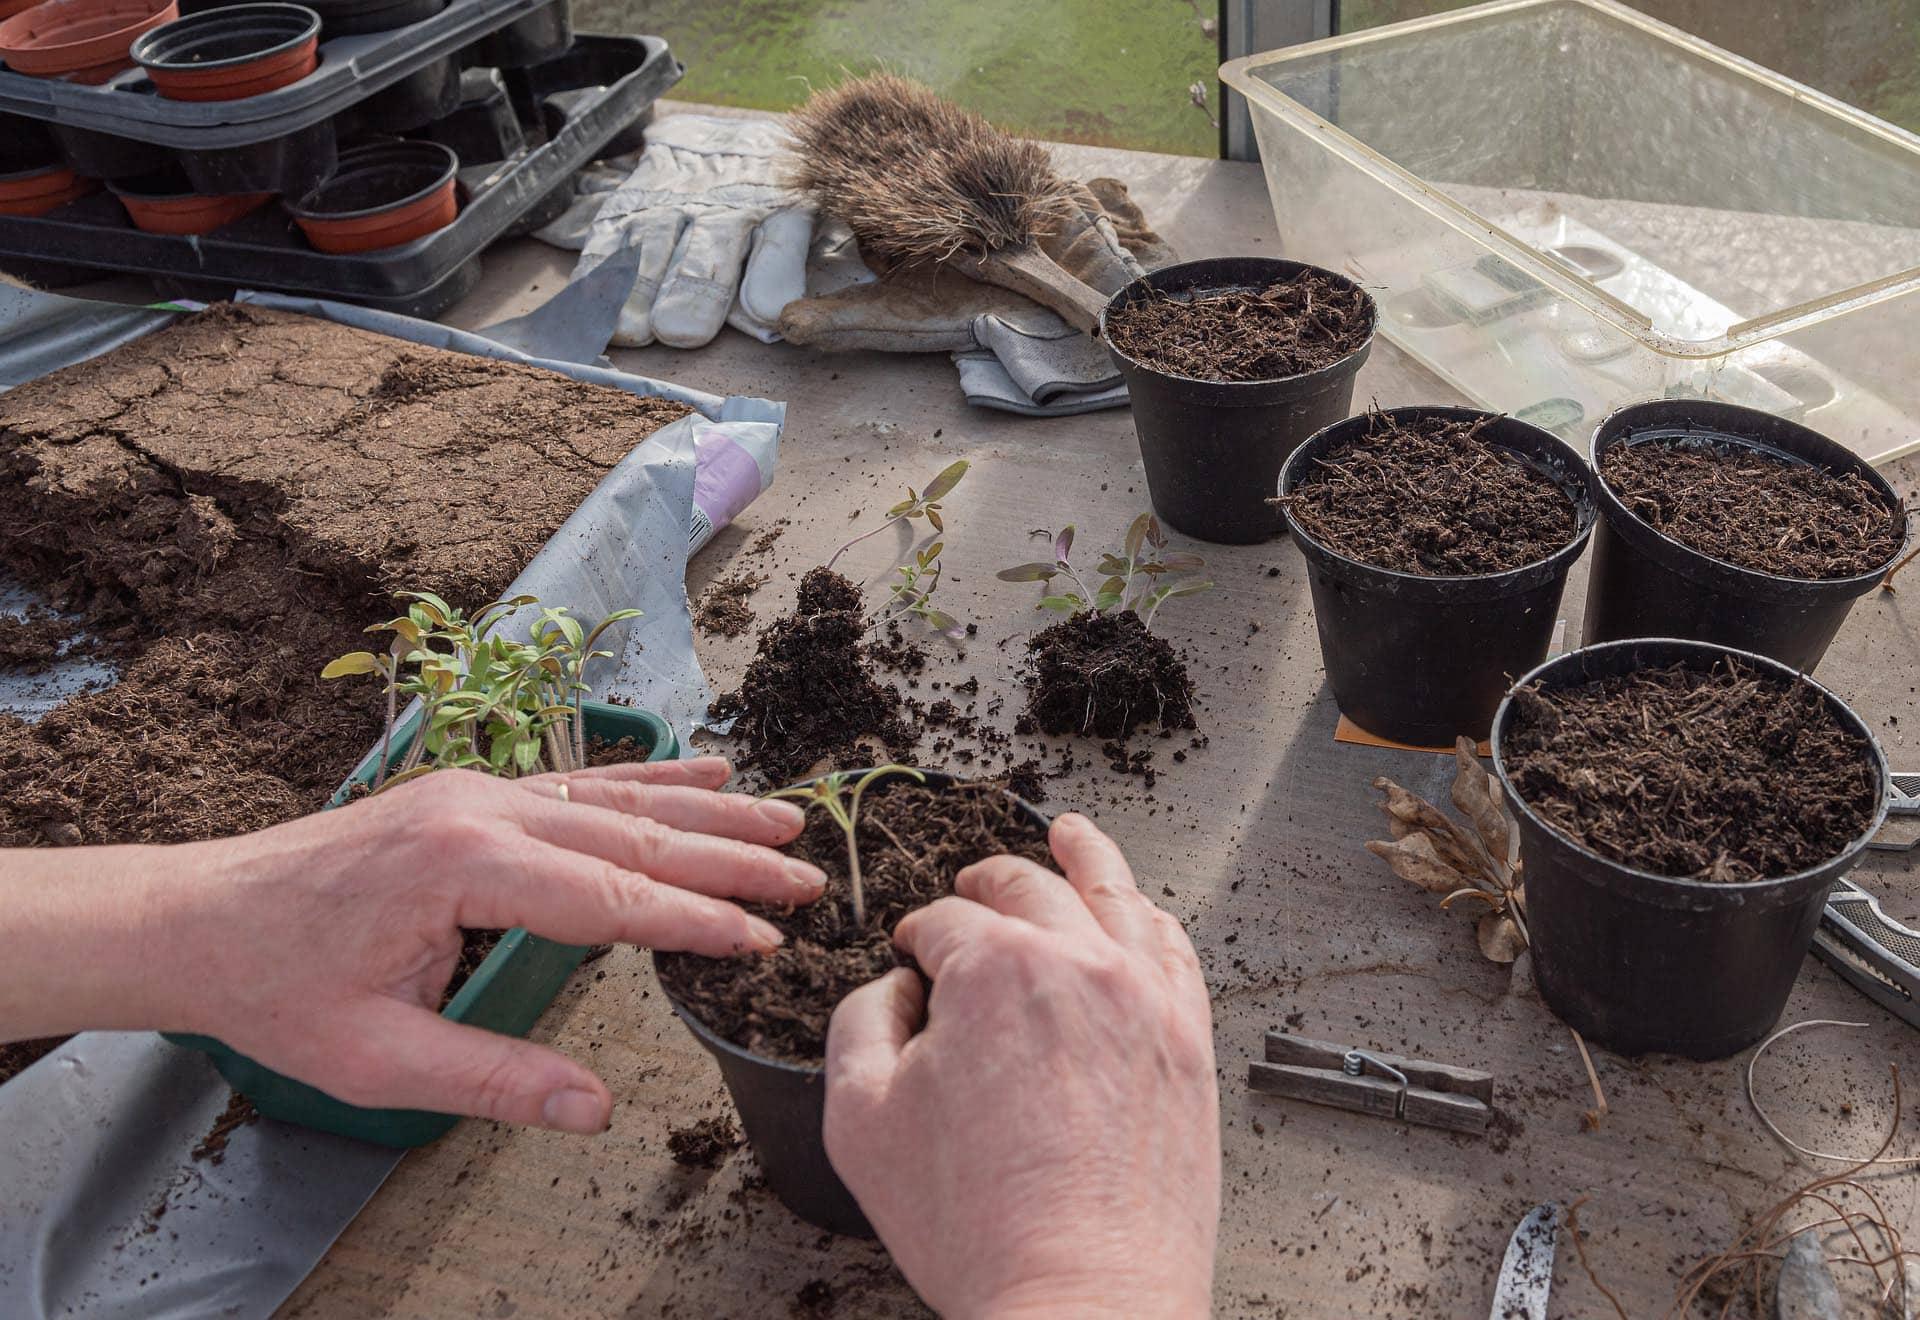 Für die Natur gibt es keinen Stillstand Auch wenn der Alltag in Teilen eingeschränkt ist, gibt es im Garten jetzt einiges zu tun